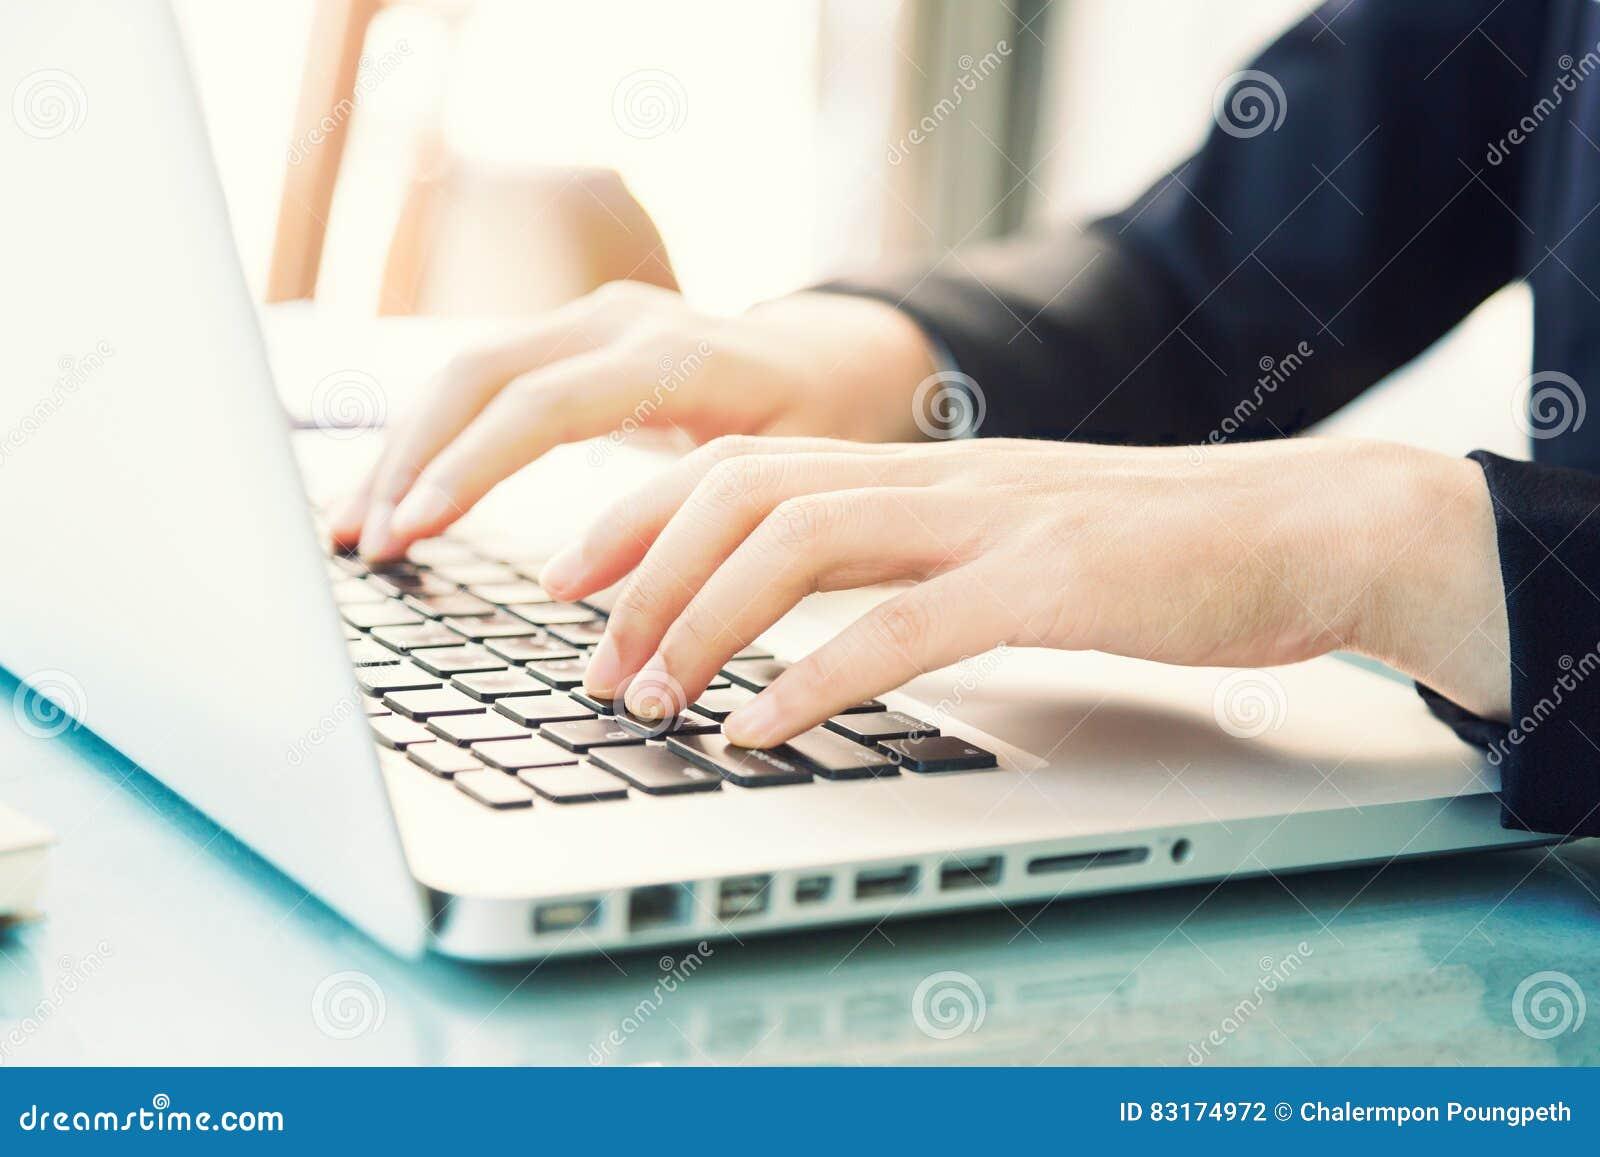 Weibliche Hände der Geschäftsfrau schreibend auf Computertastatur